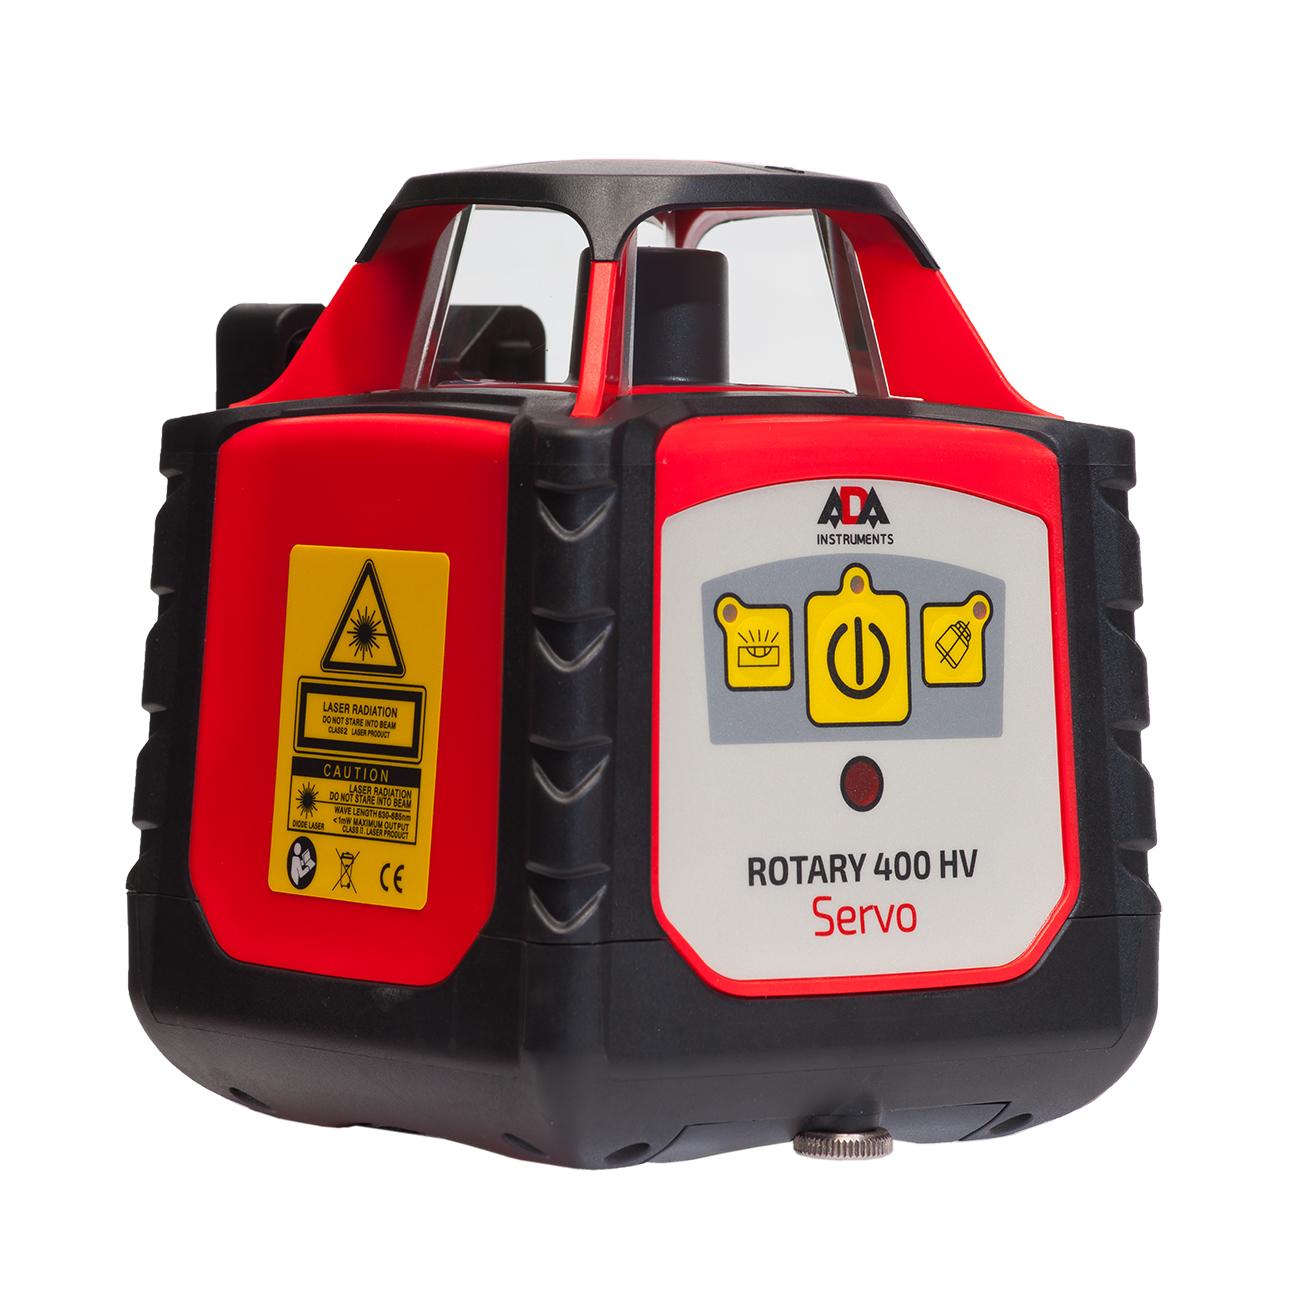 Livello laser ADA ROTARY 400 HV Servo